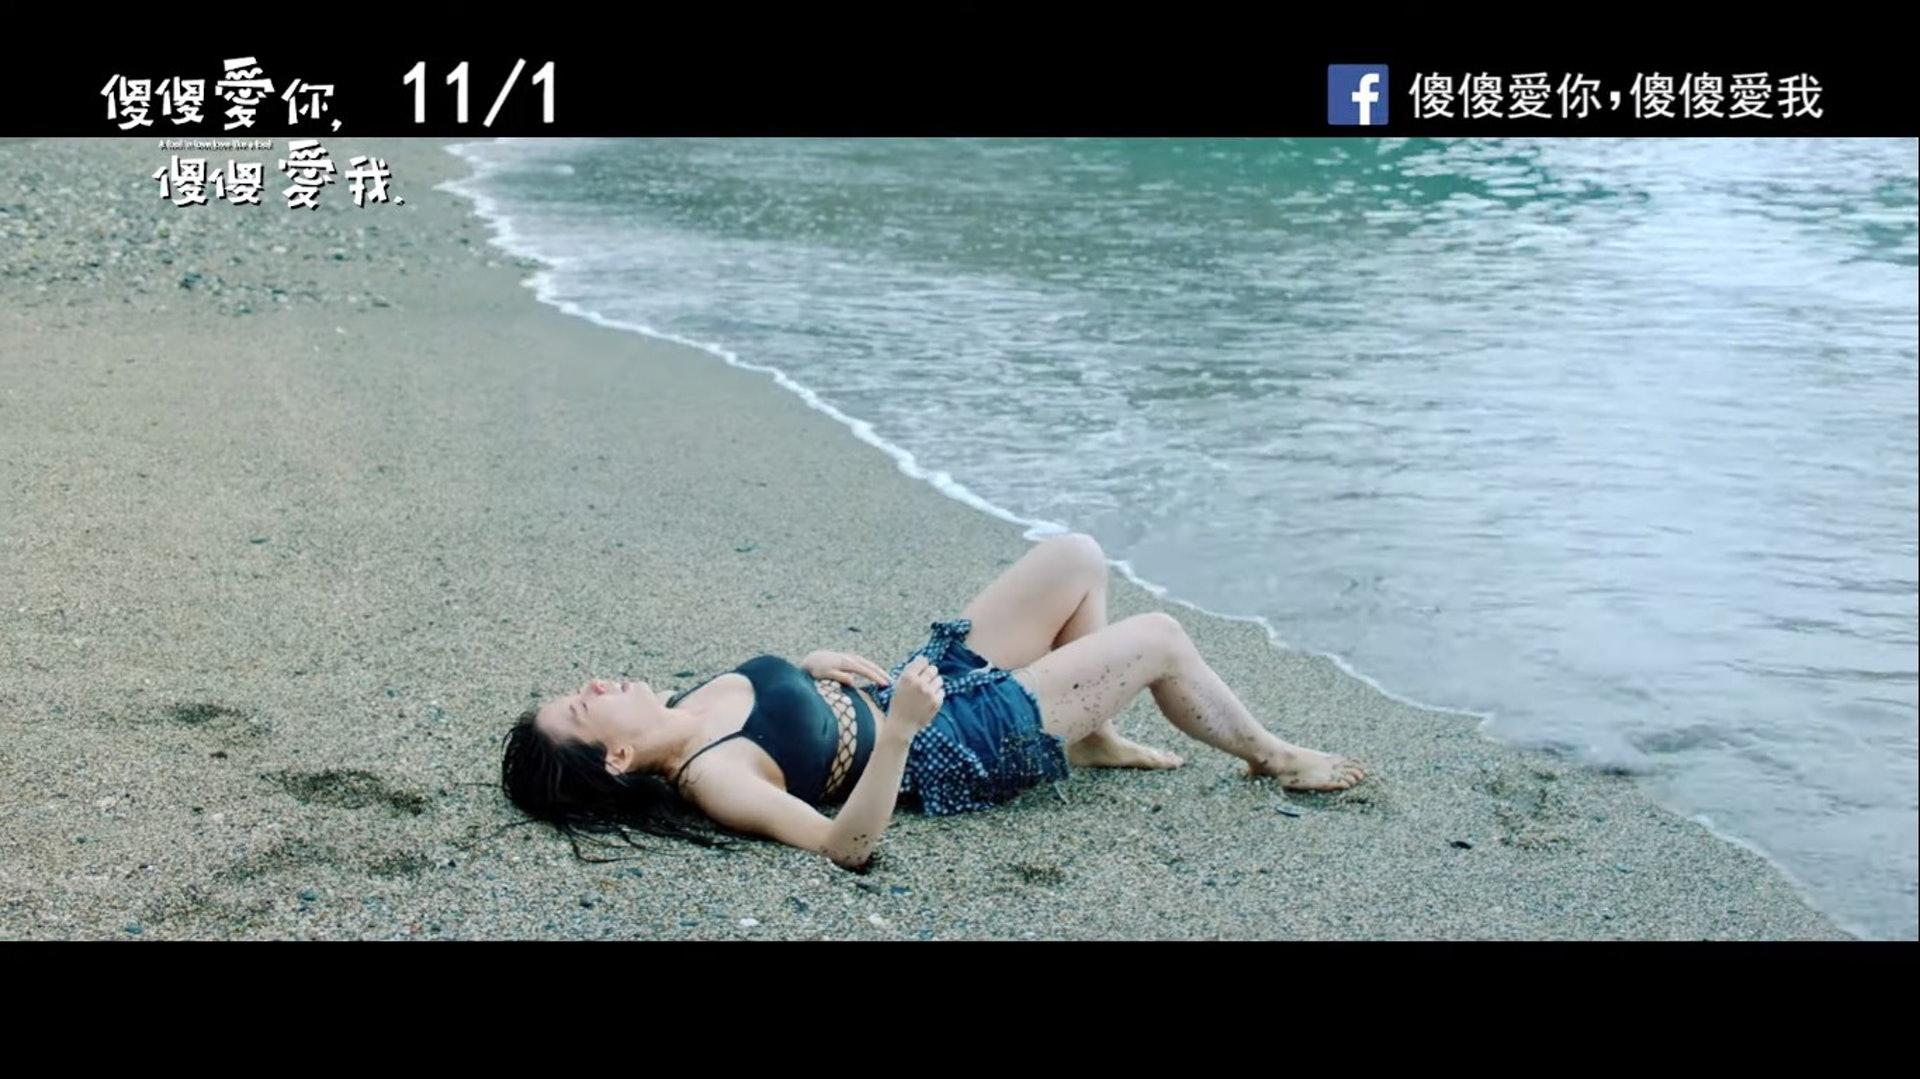 瑤瑤躺在海灘上疑似遇溺。(電影《傻傻愛你,傻傻愛我》預告)